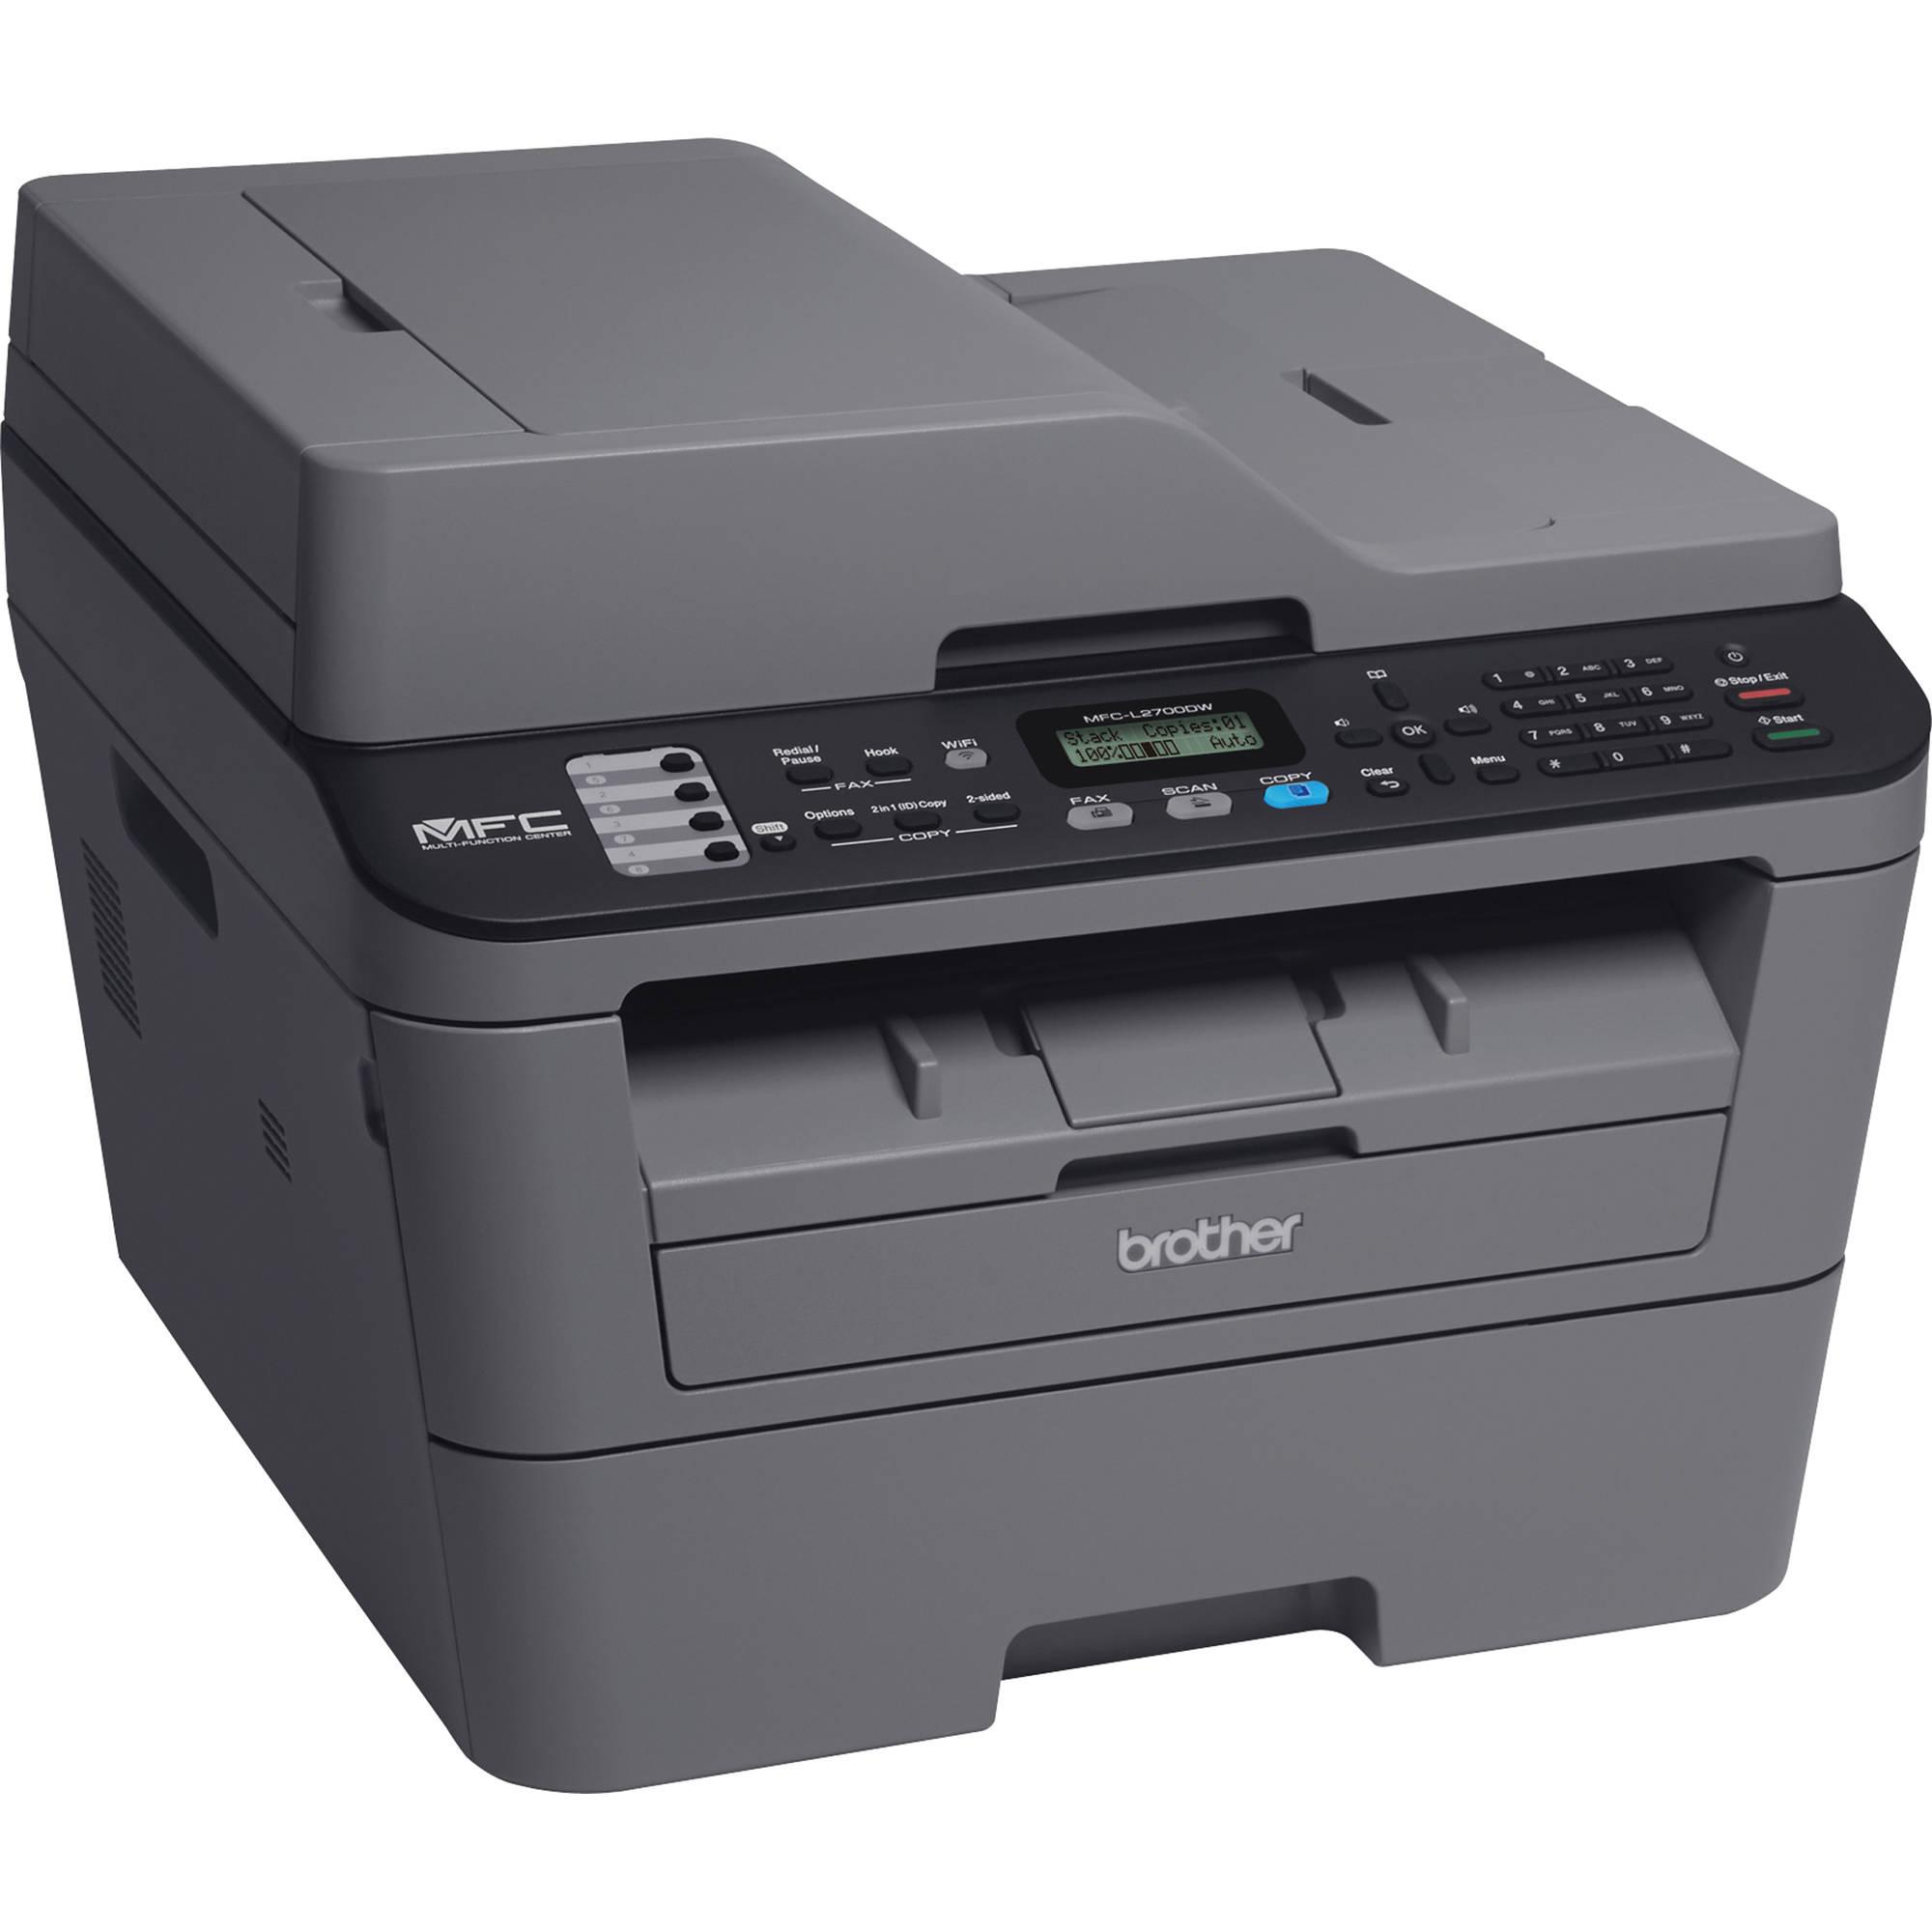 printer-3.png